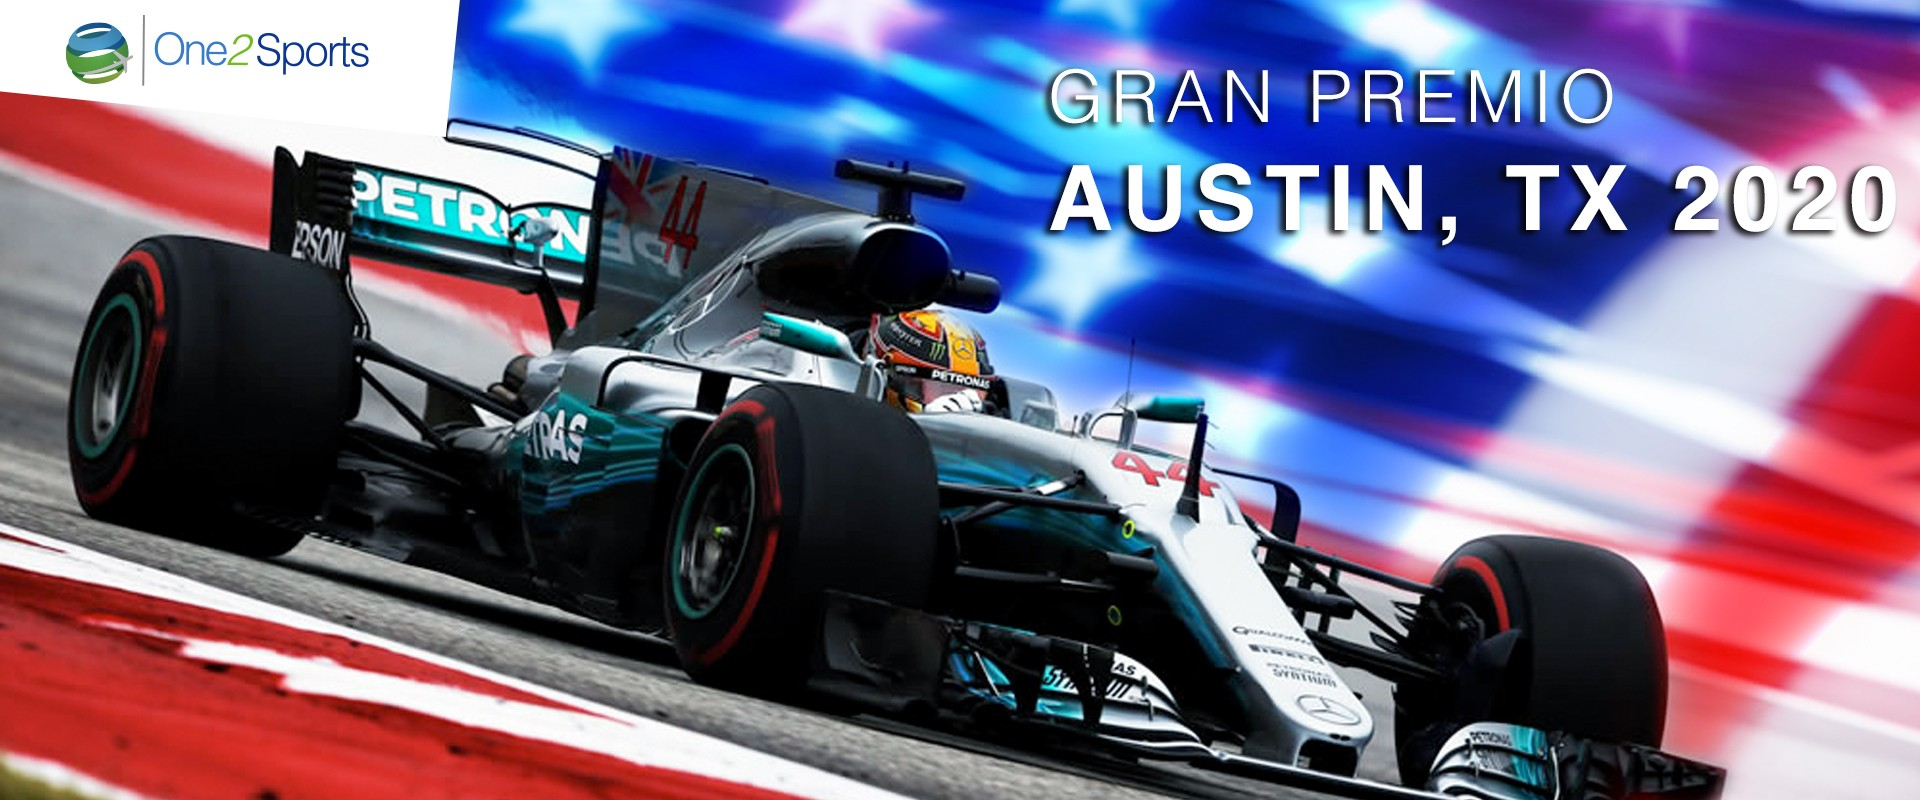 Gran Premio de Austin, Texas